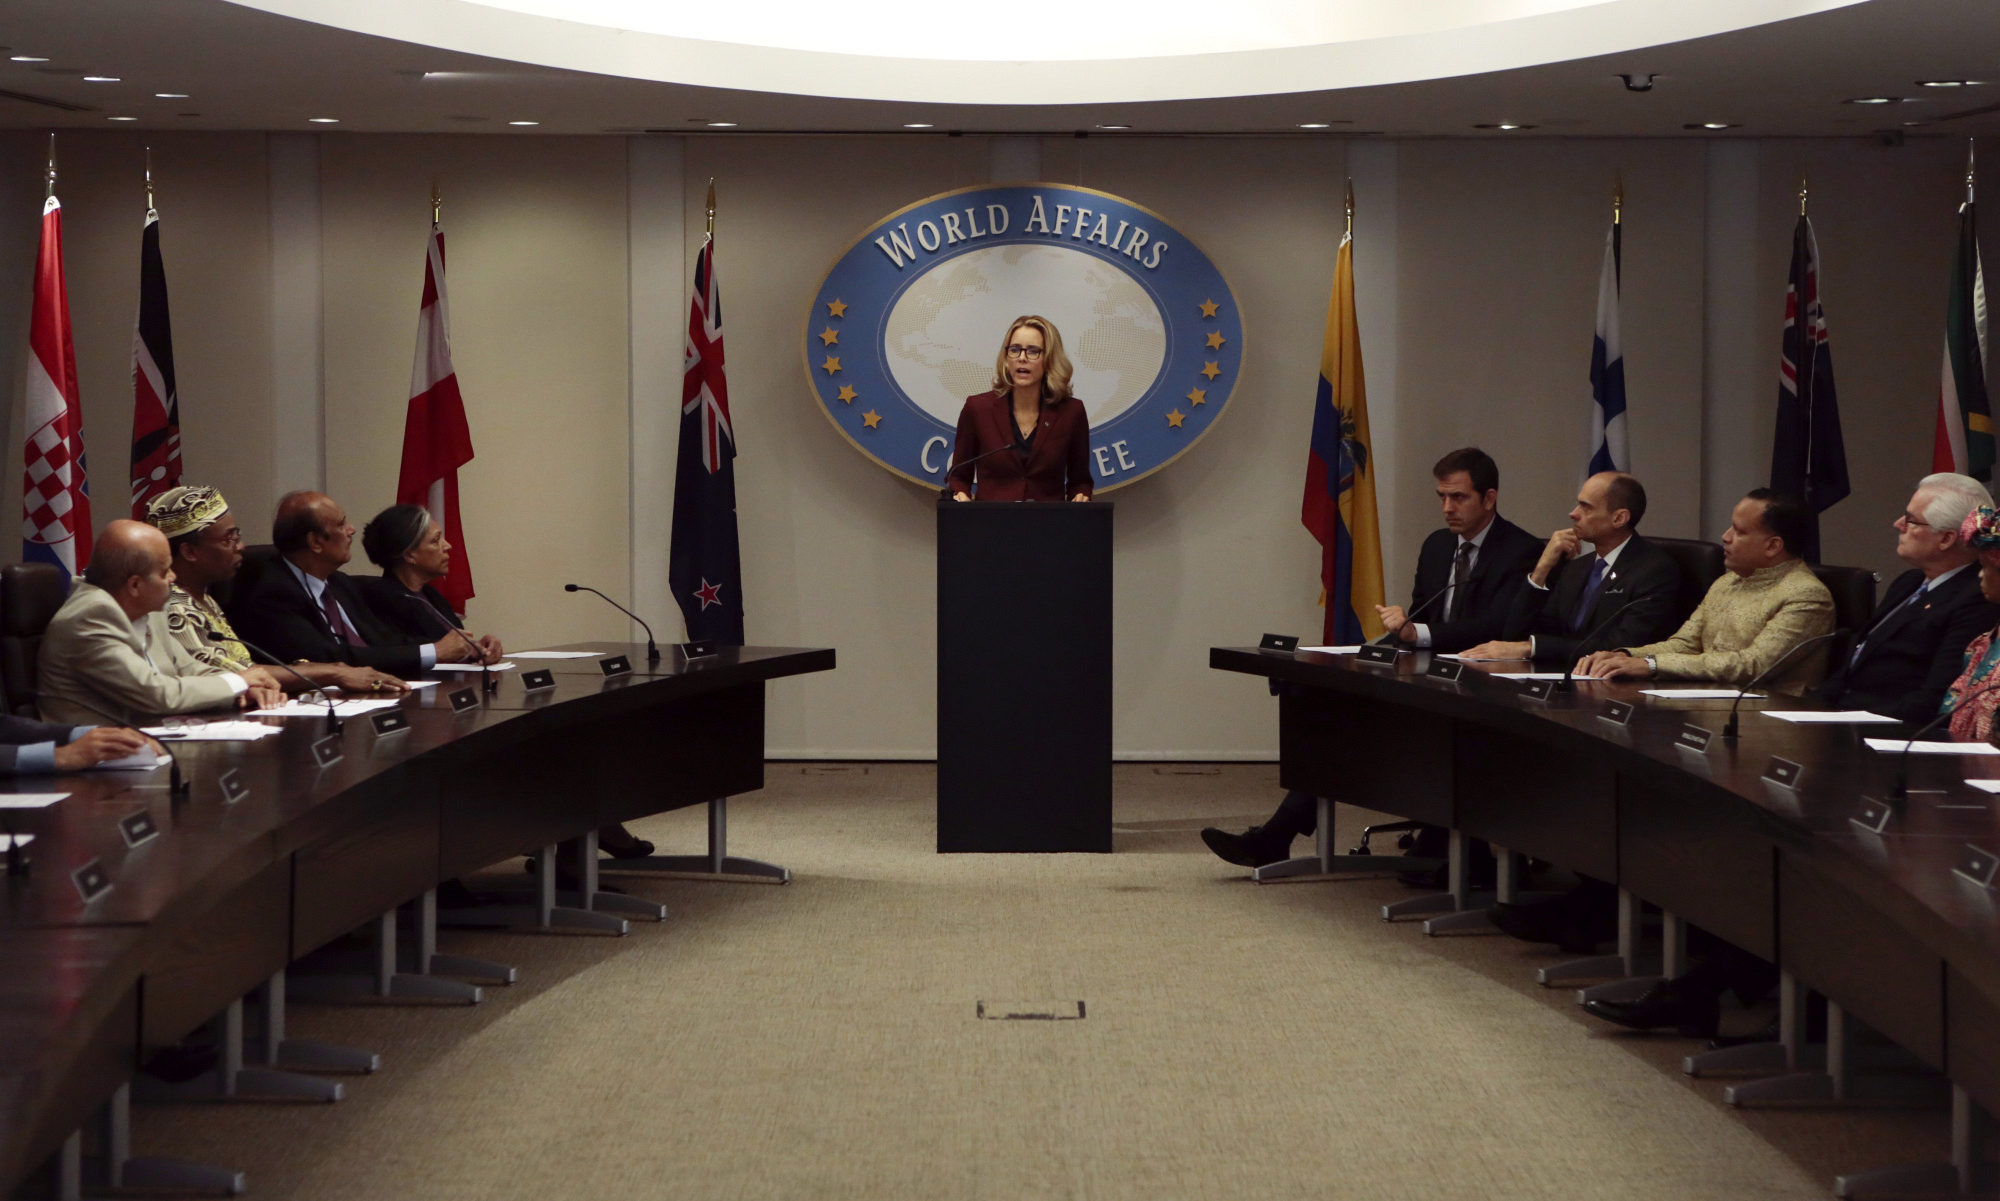 World Affairs Speech - S1E6